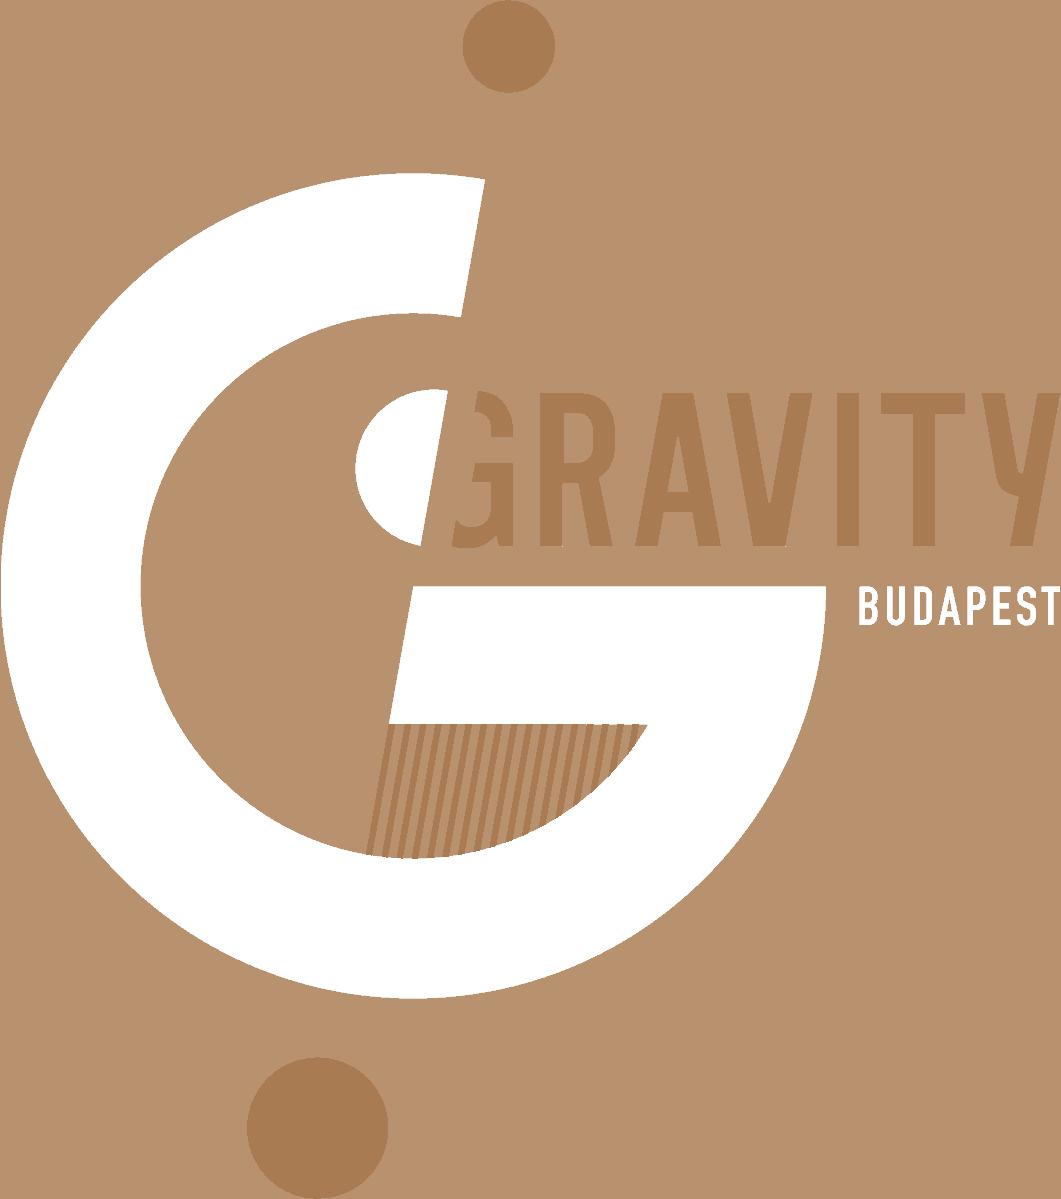 Gravity Budapest